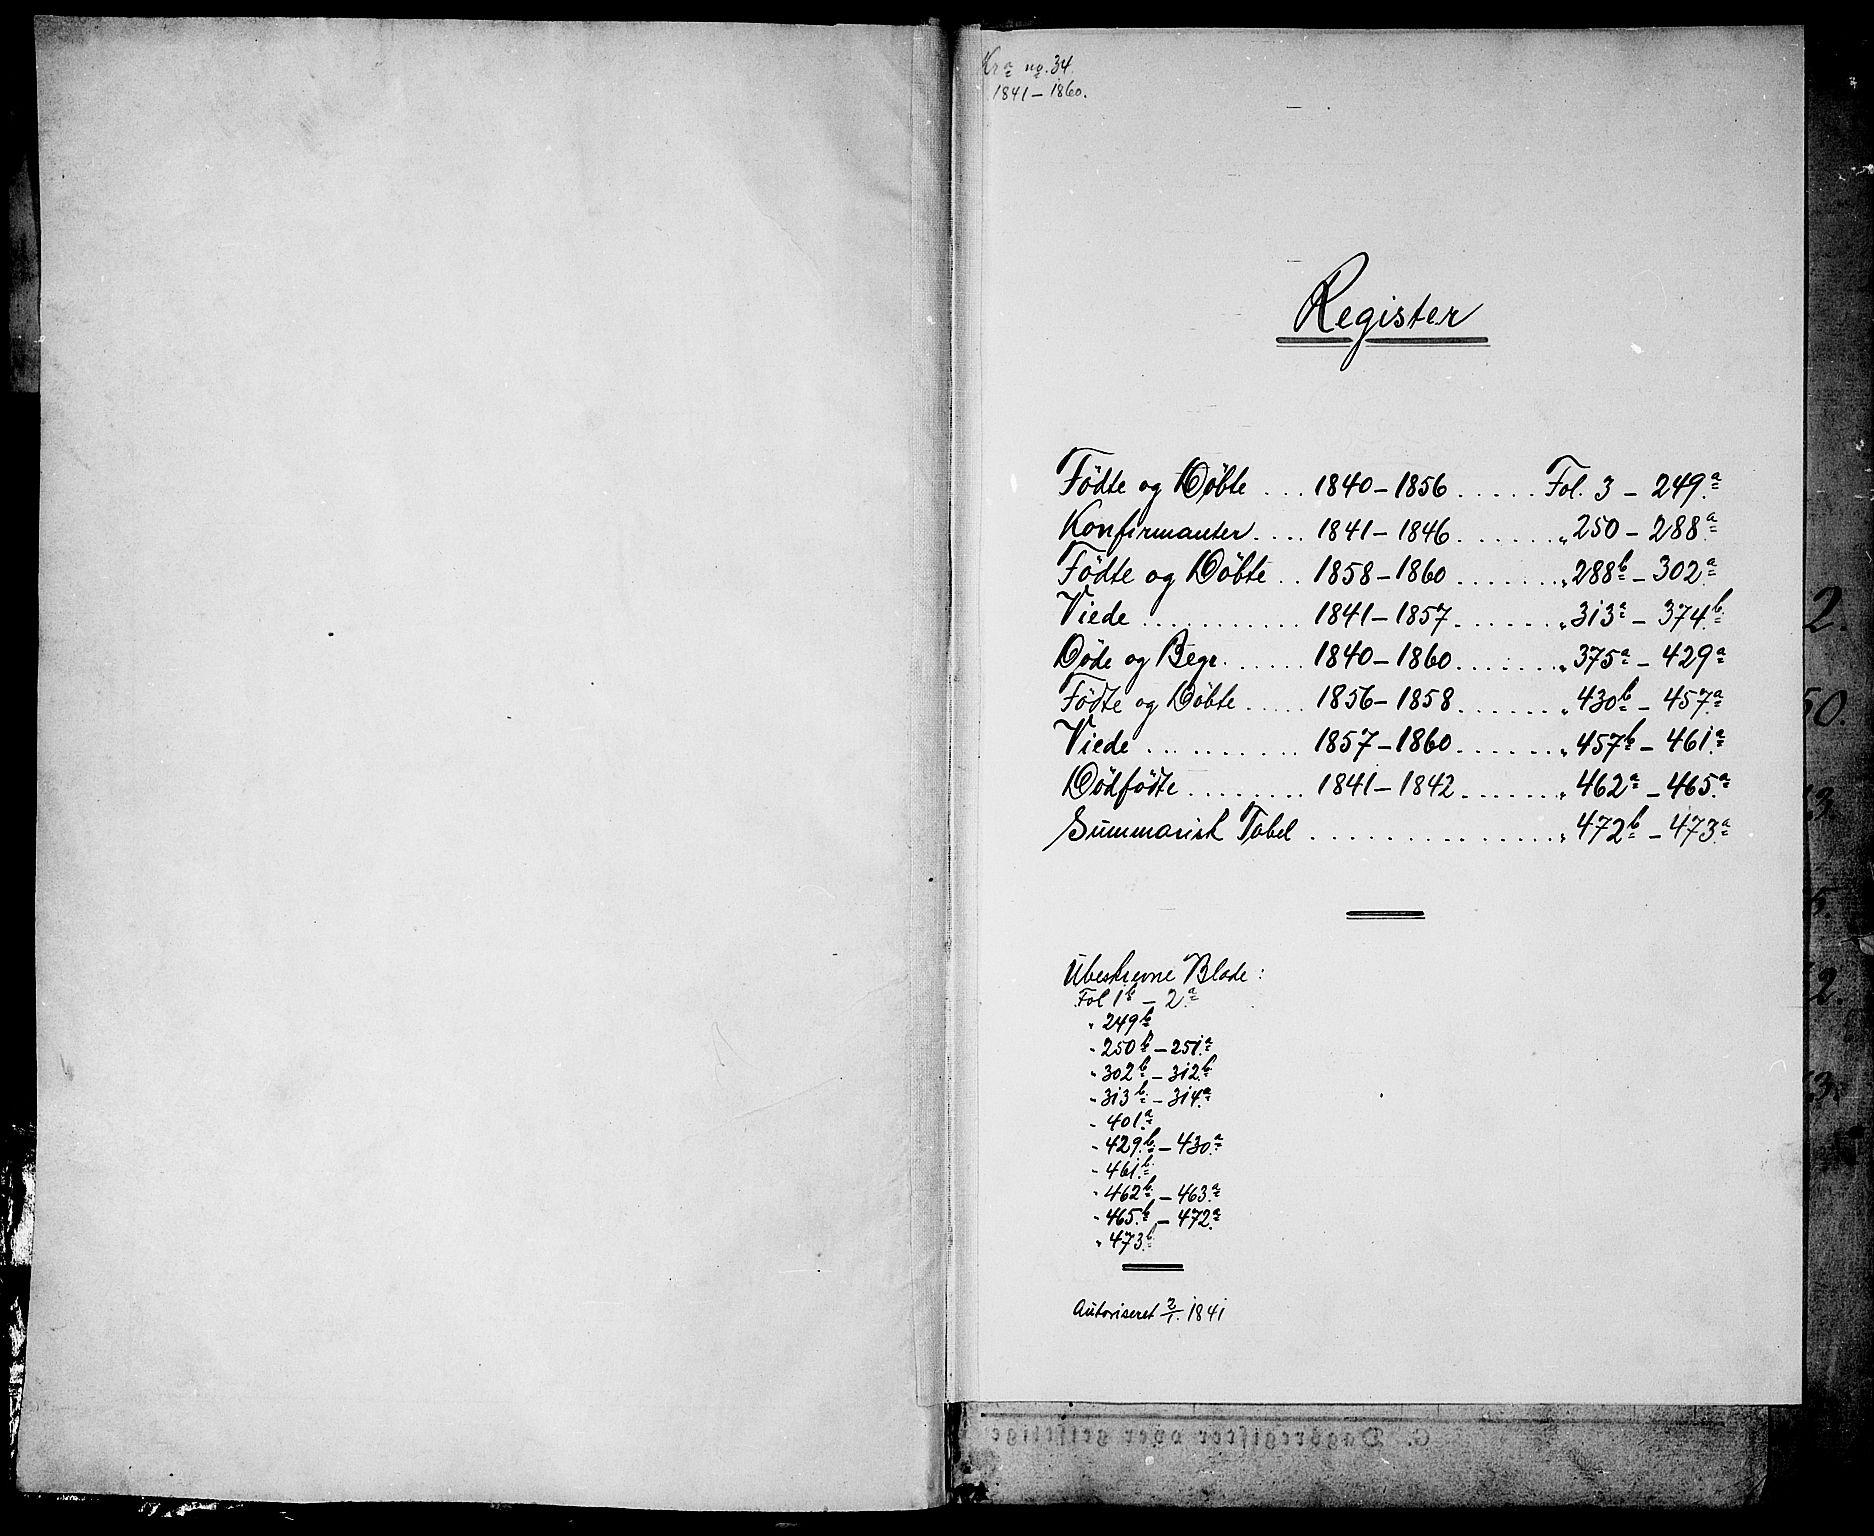 SAO, Garnisonsmenigheten Kirkebøker, G/Ga/L0005: Klokkerbok nr. 5, 1841-1860